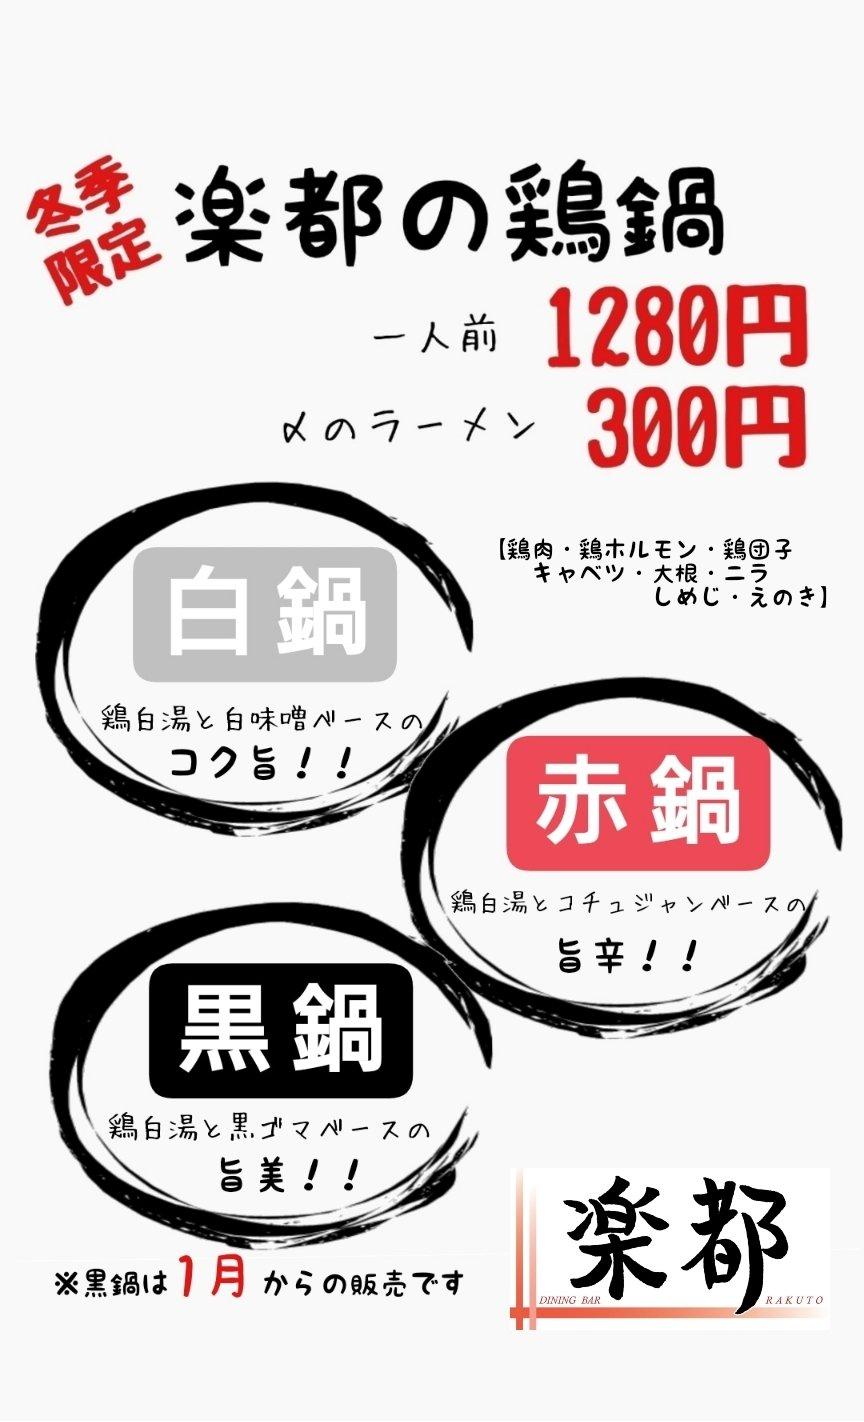 【楽都】シフト【12/11~17マデ】【ダイニングバー楽都】